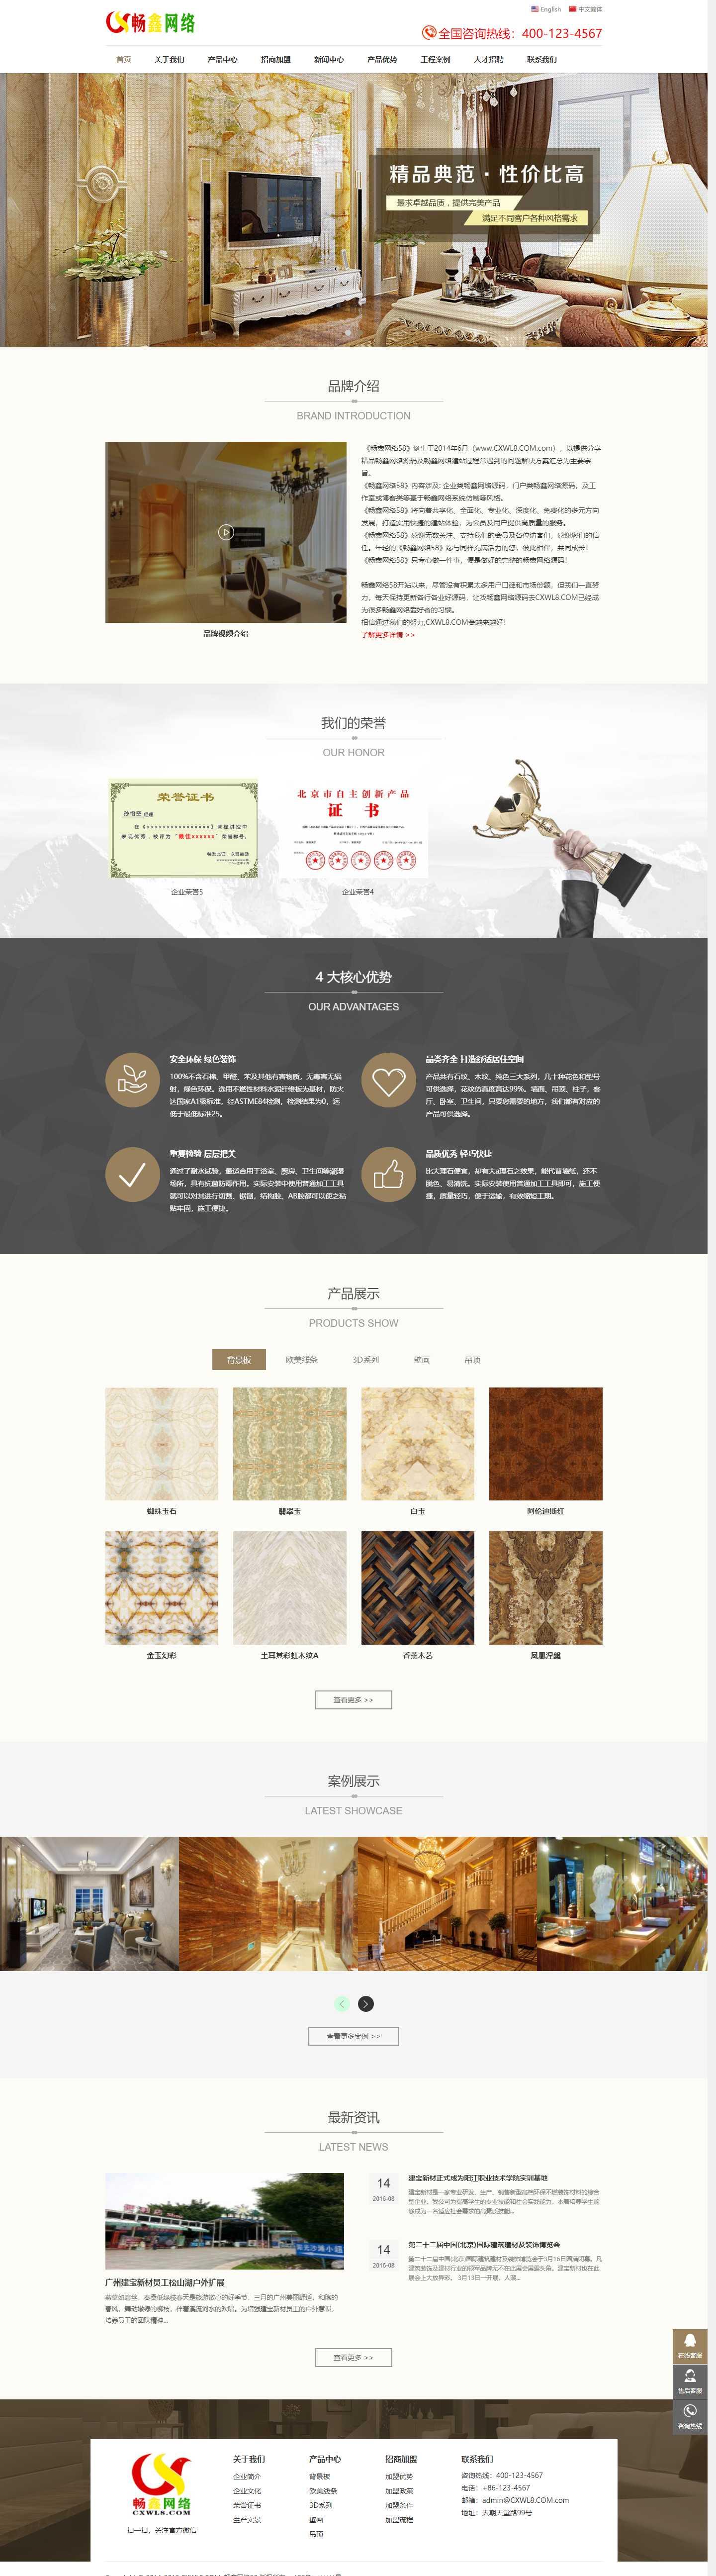 【J024】中英双语家居瓷砖建材类网站模板